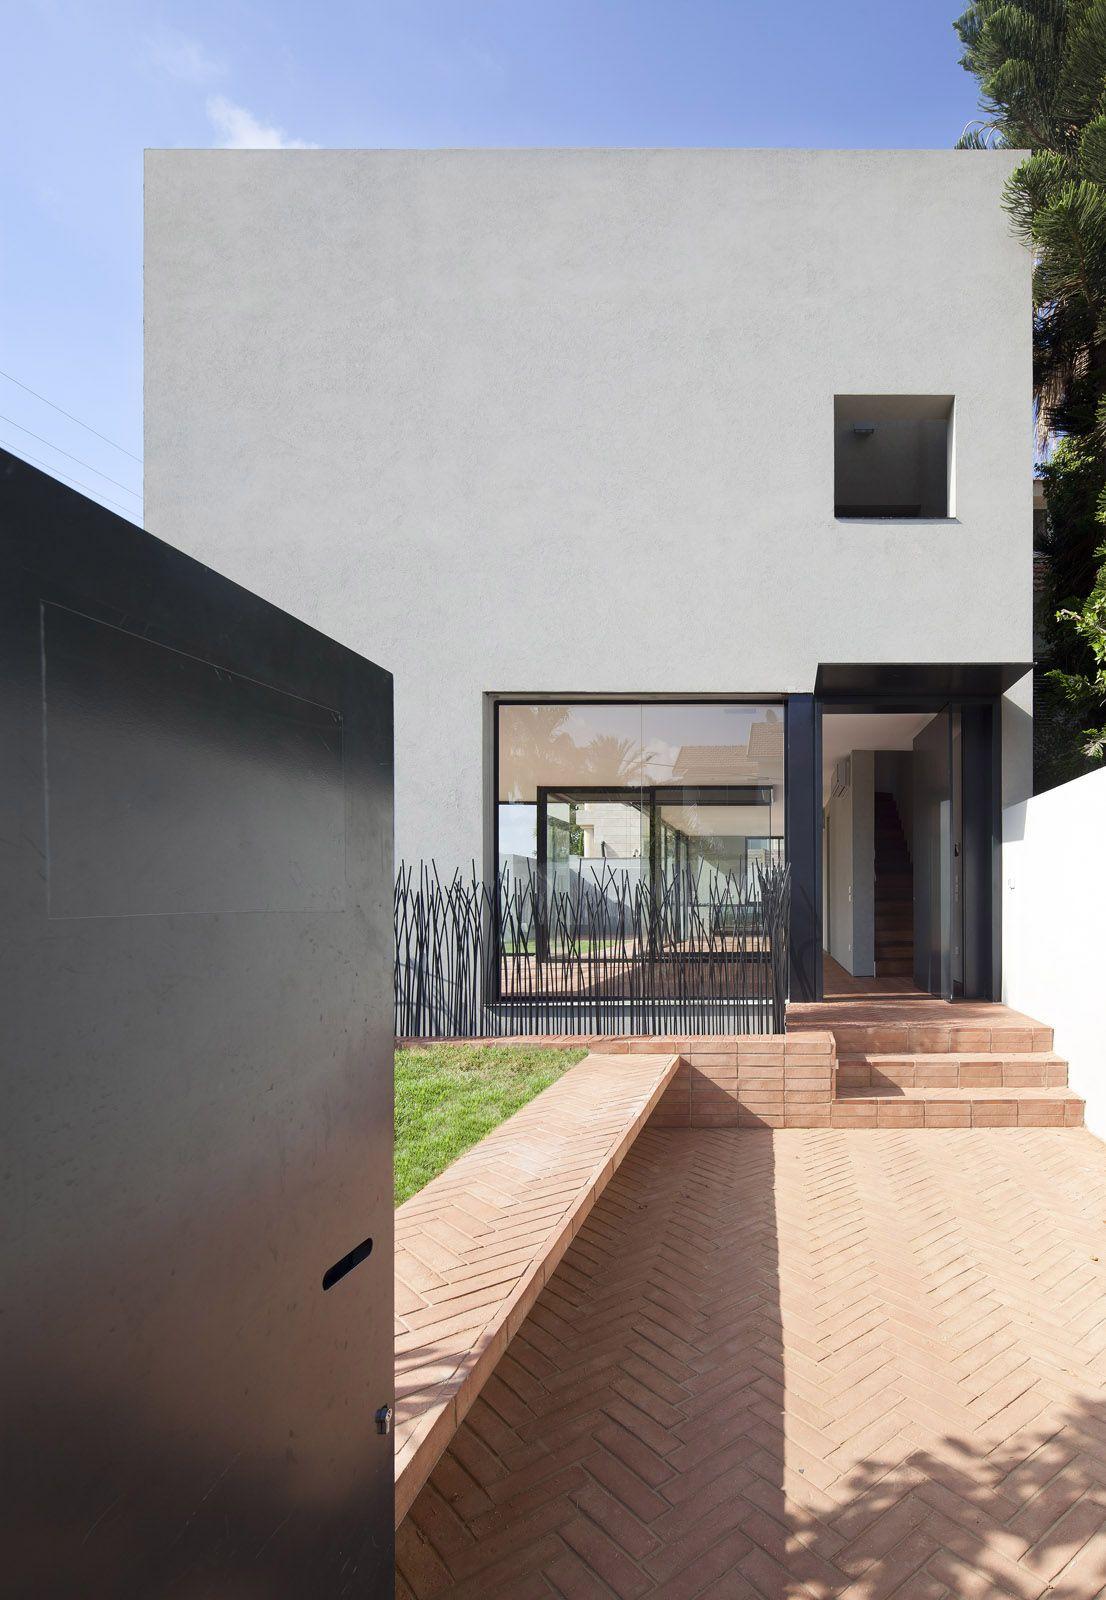 Pin von Alyona Fomina auf Architecture | Pinterest